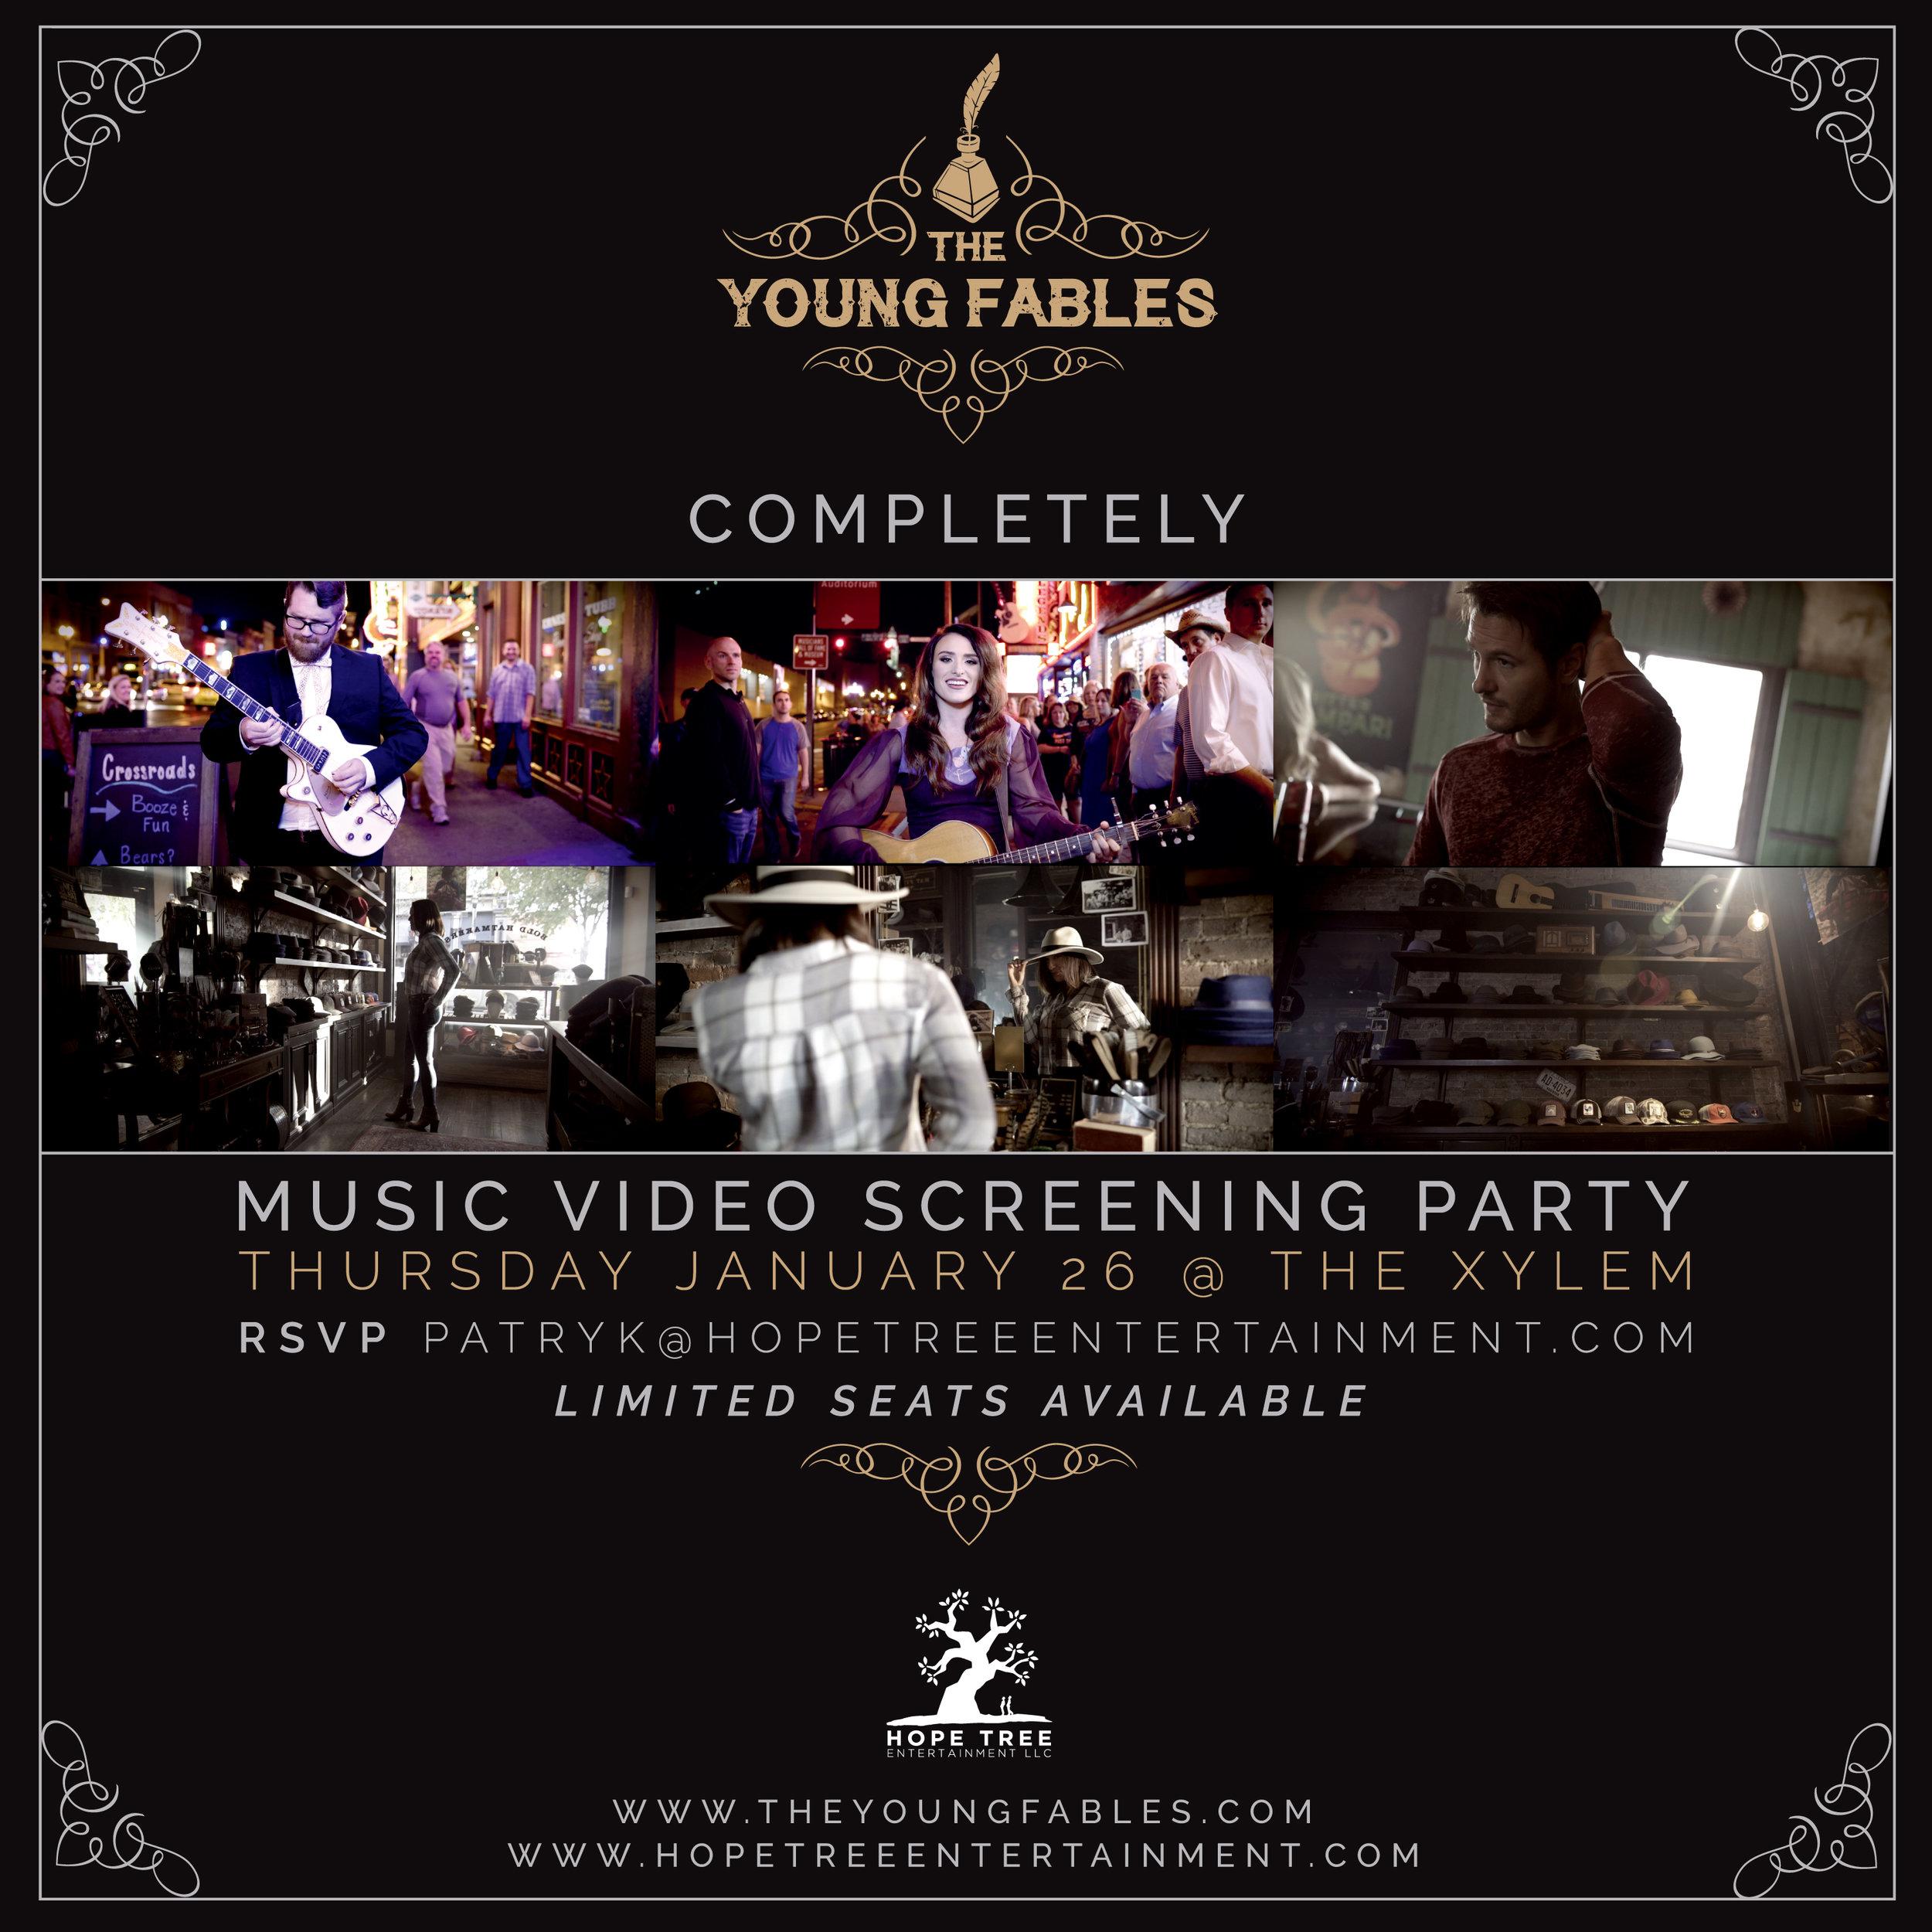 screening party flyer v1.jpg